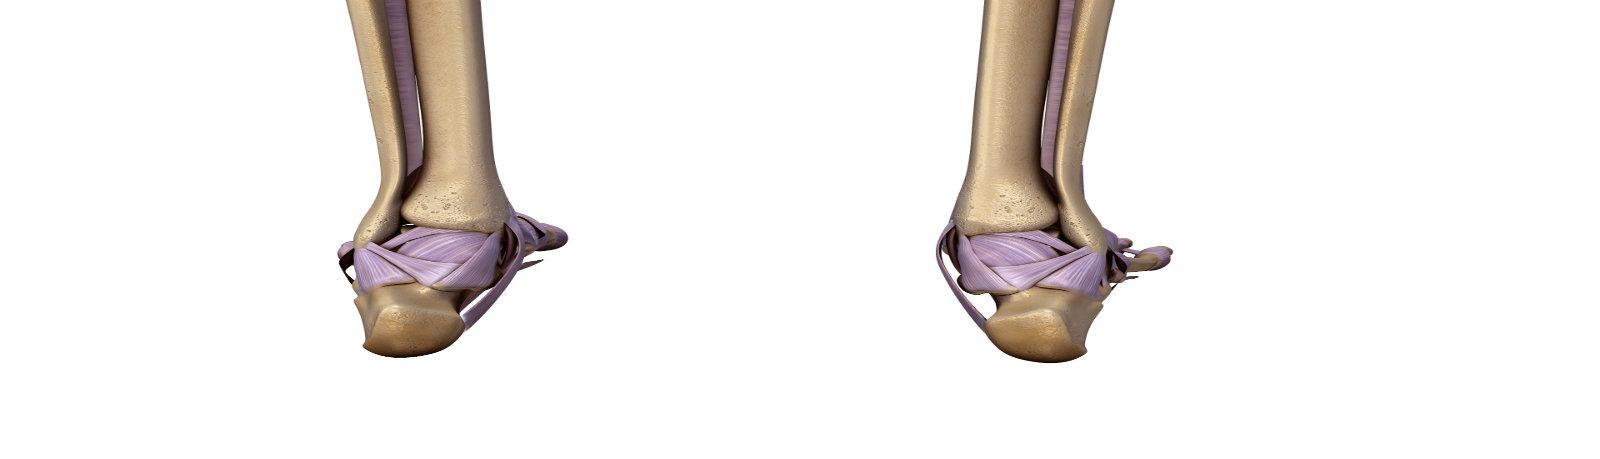 Luxury Posterior Tibial Tendon Anatomy Photo - Anatomy Ideas ...